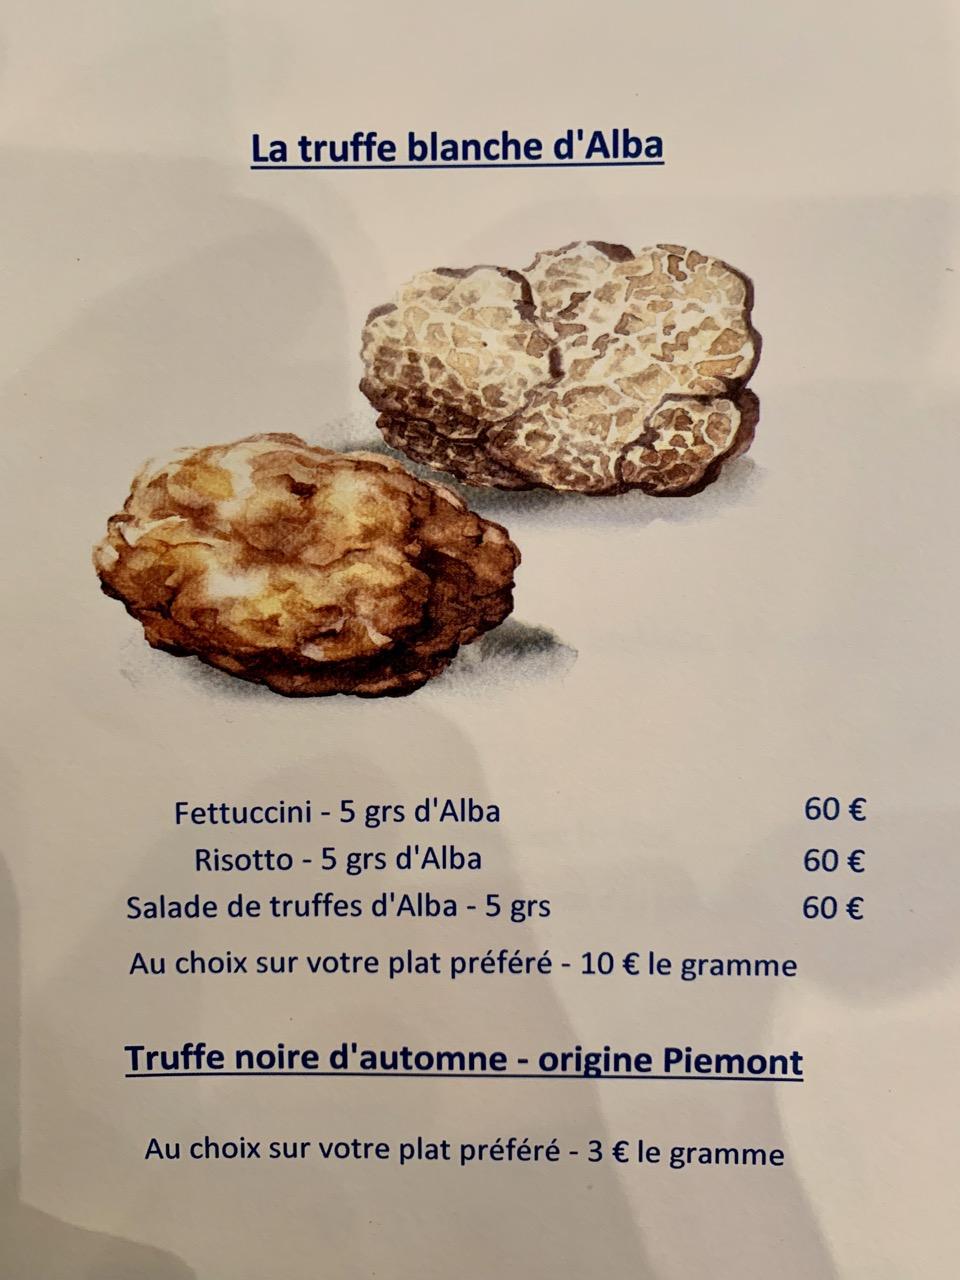 Restaurant Tribeca - Les suggestions autour de la truffe